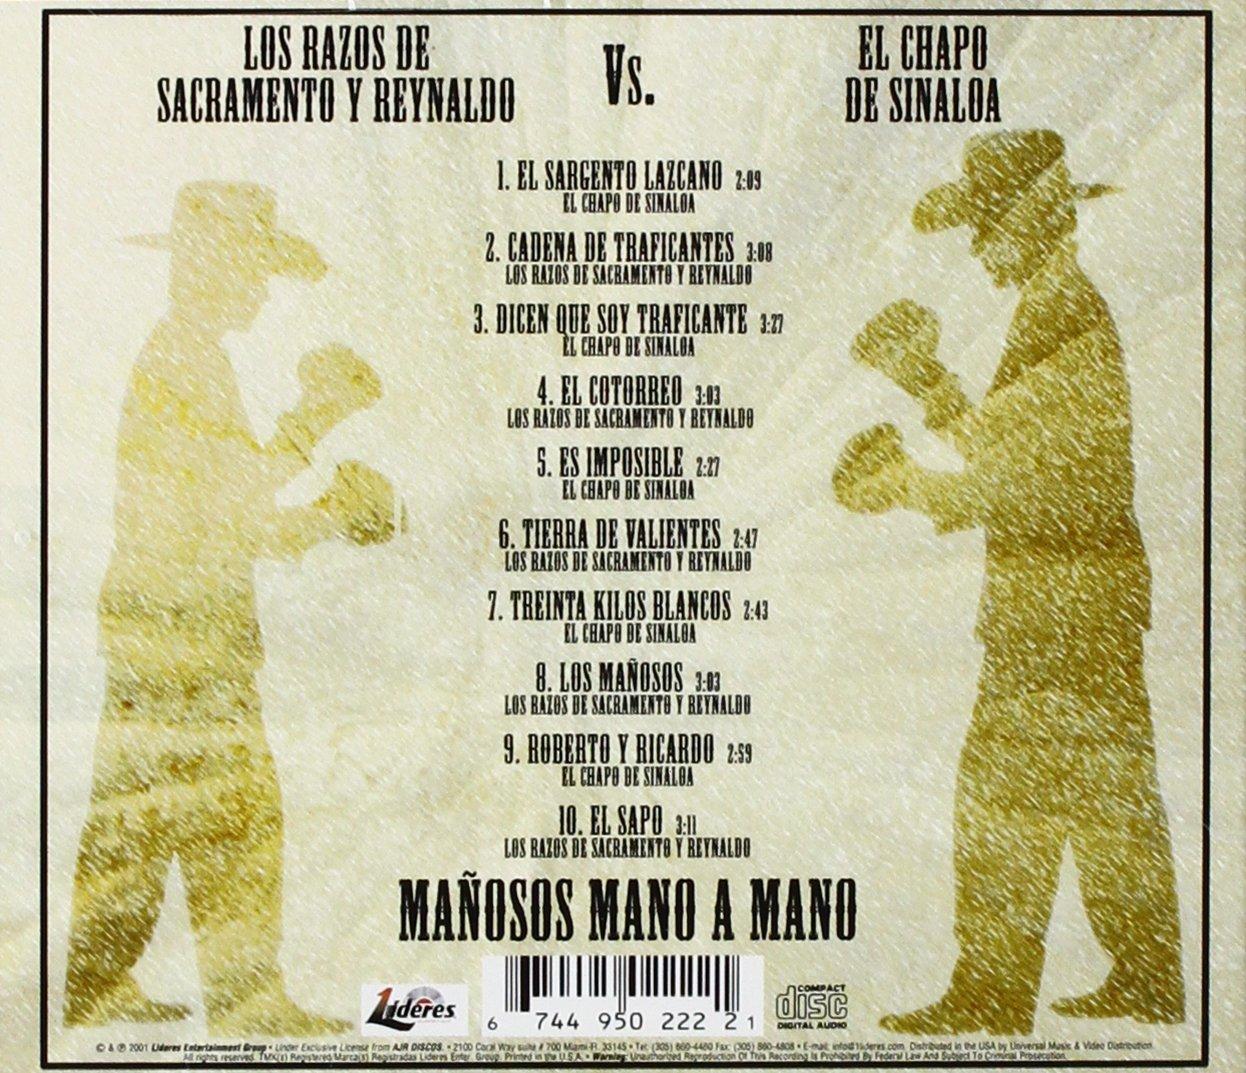 Razos De Sacramento Y Reynaldo, Chapo De Sinaloa - Manosos Mano a Mano - Amazon.com Music